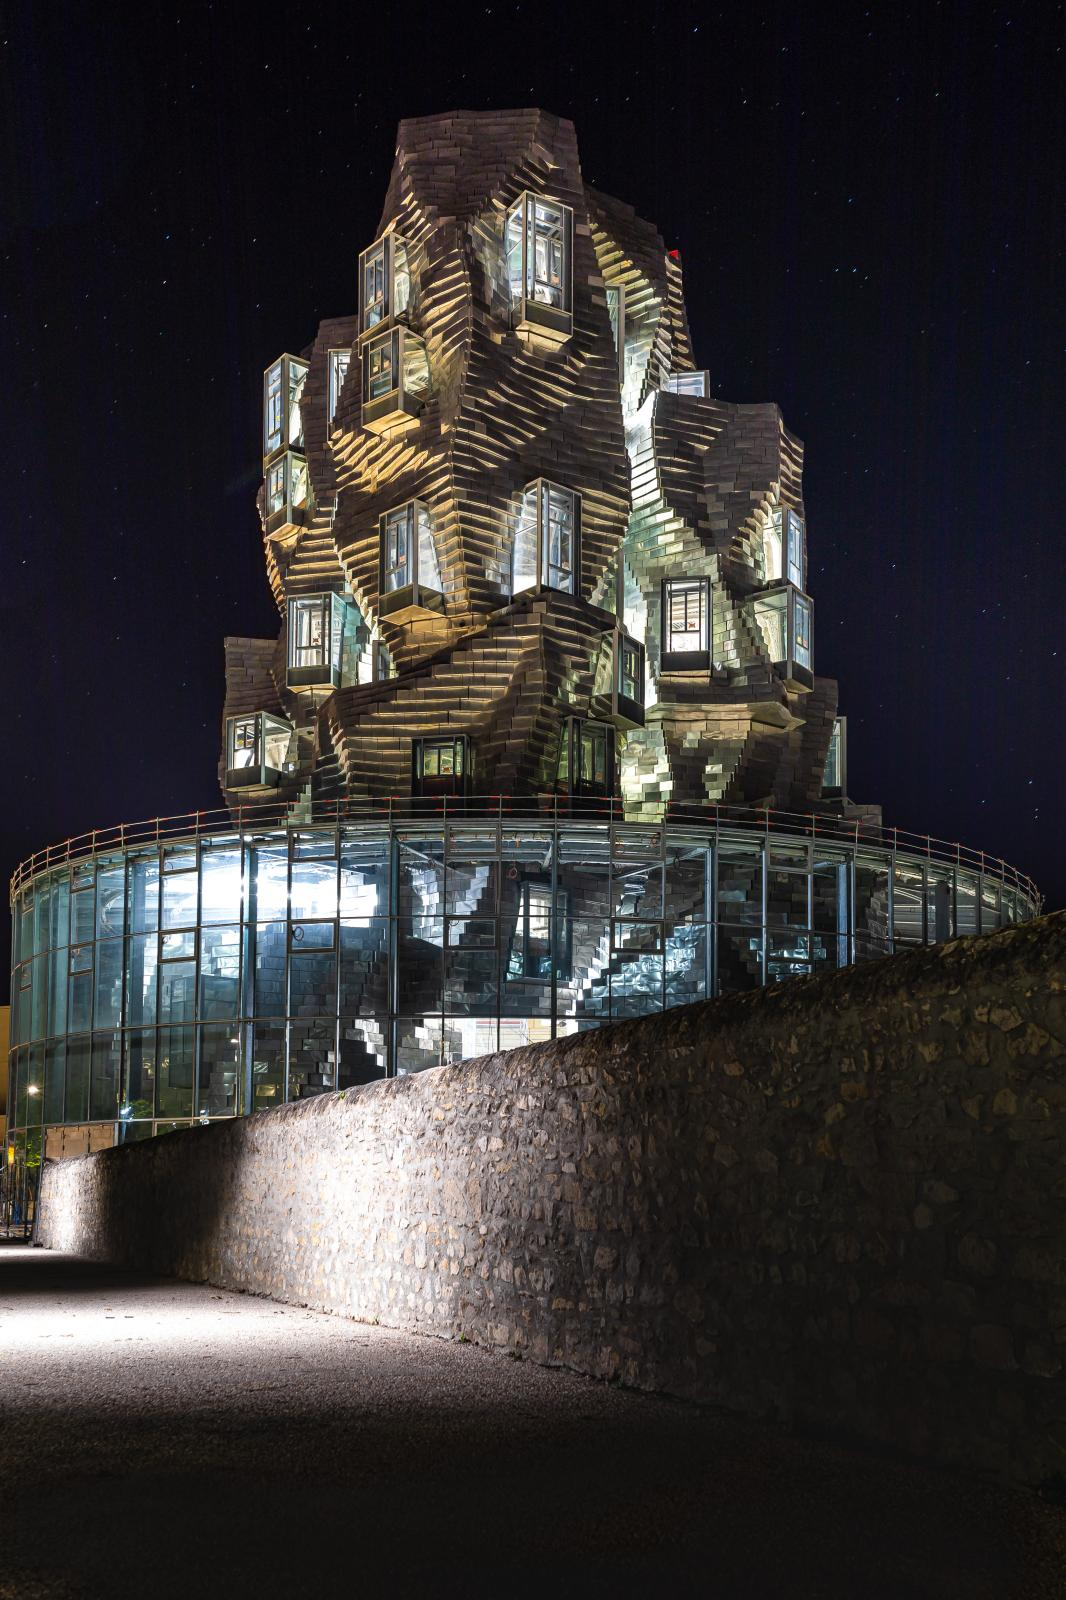 Luma Arles, Parc des Ateliers, Frank Gehry's tower.© Adrian Deweerdt